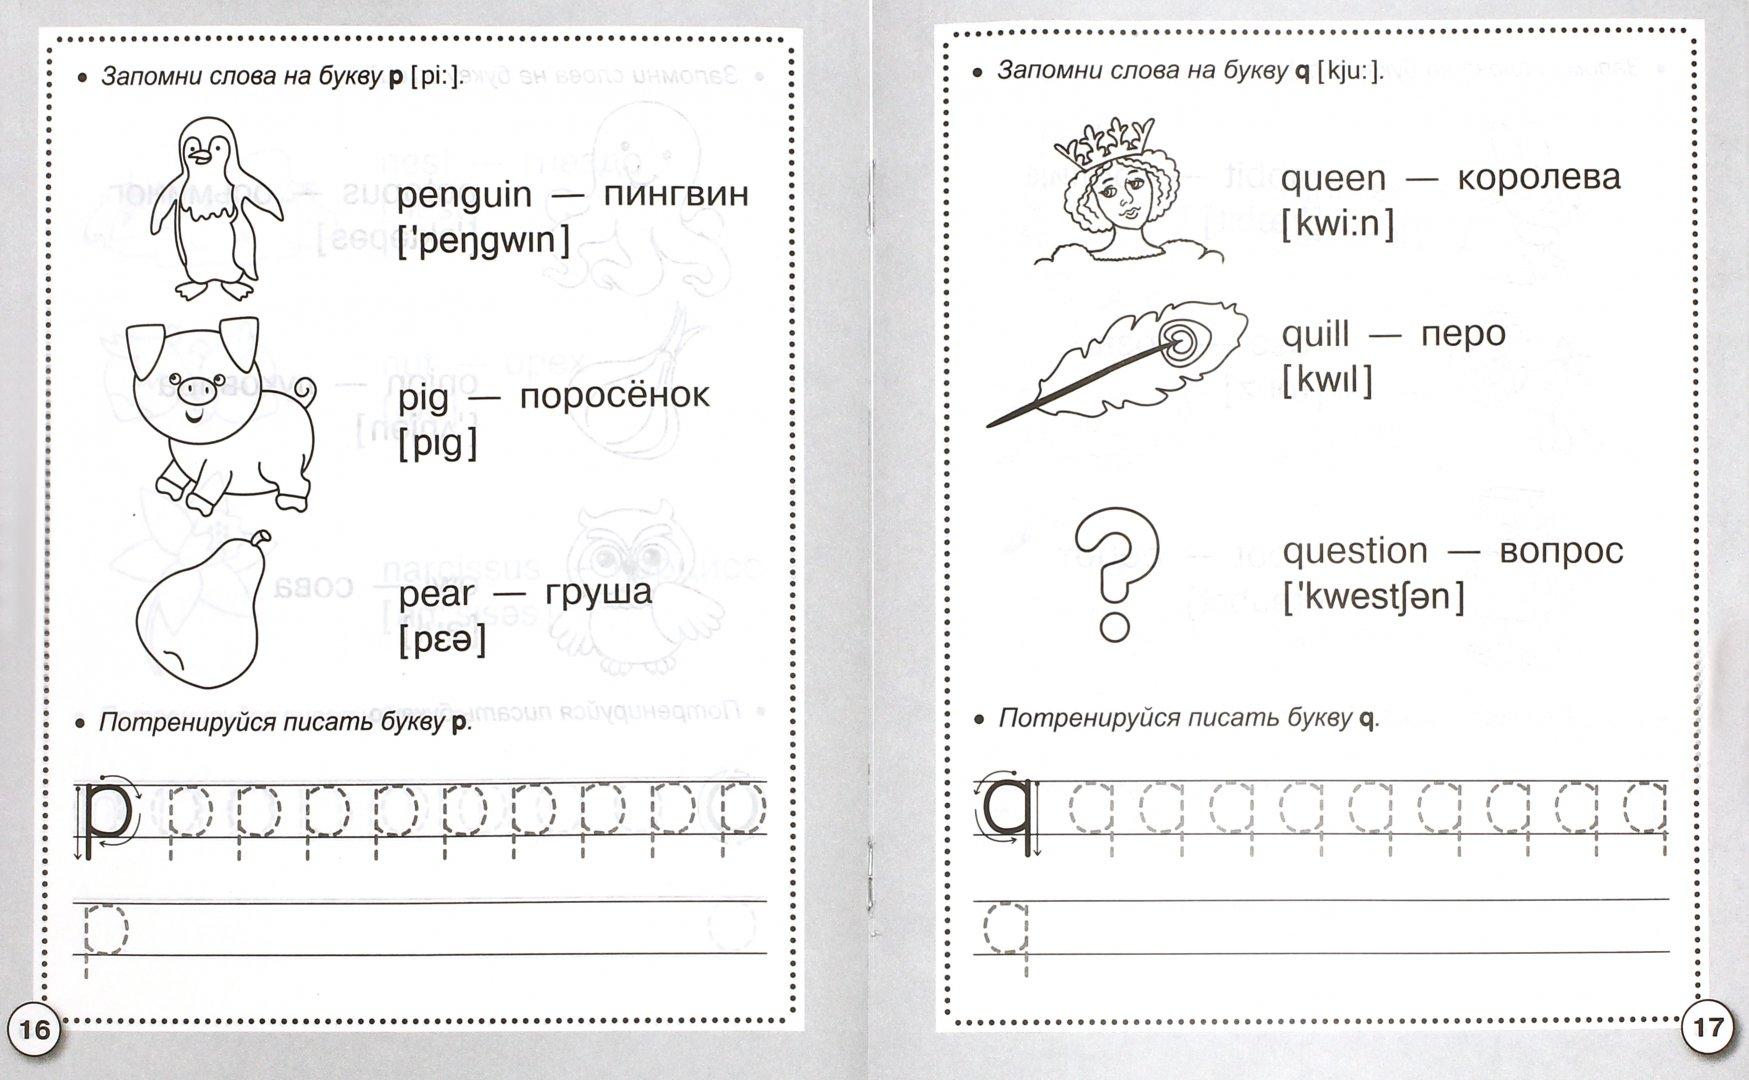 Иллюстрация 1 из 12 для Английский язык. ABC-book & Прописи. ФГОС | Лабиринт - книги. Источник: Лабиринт